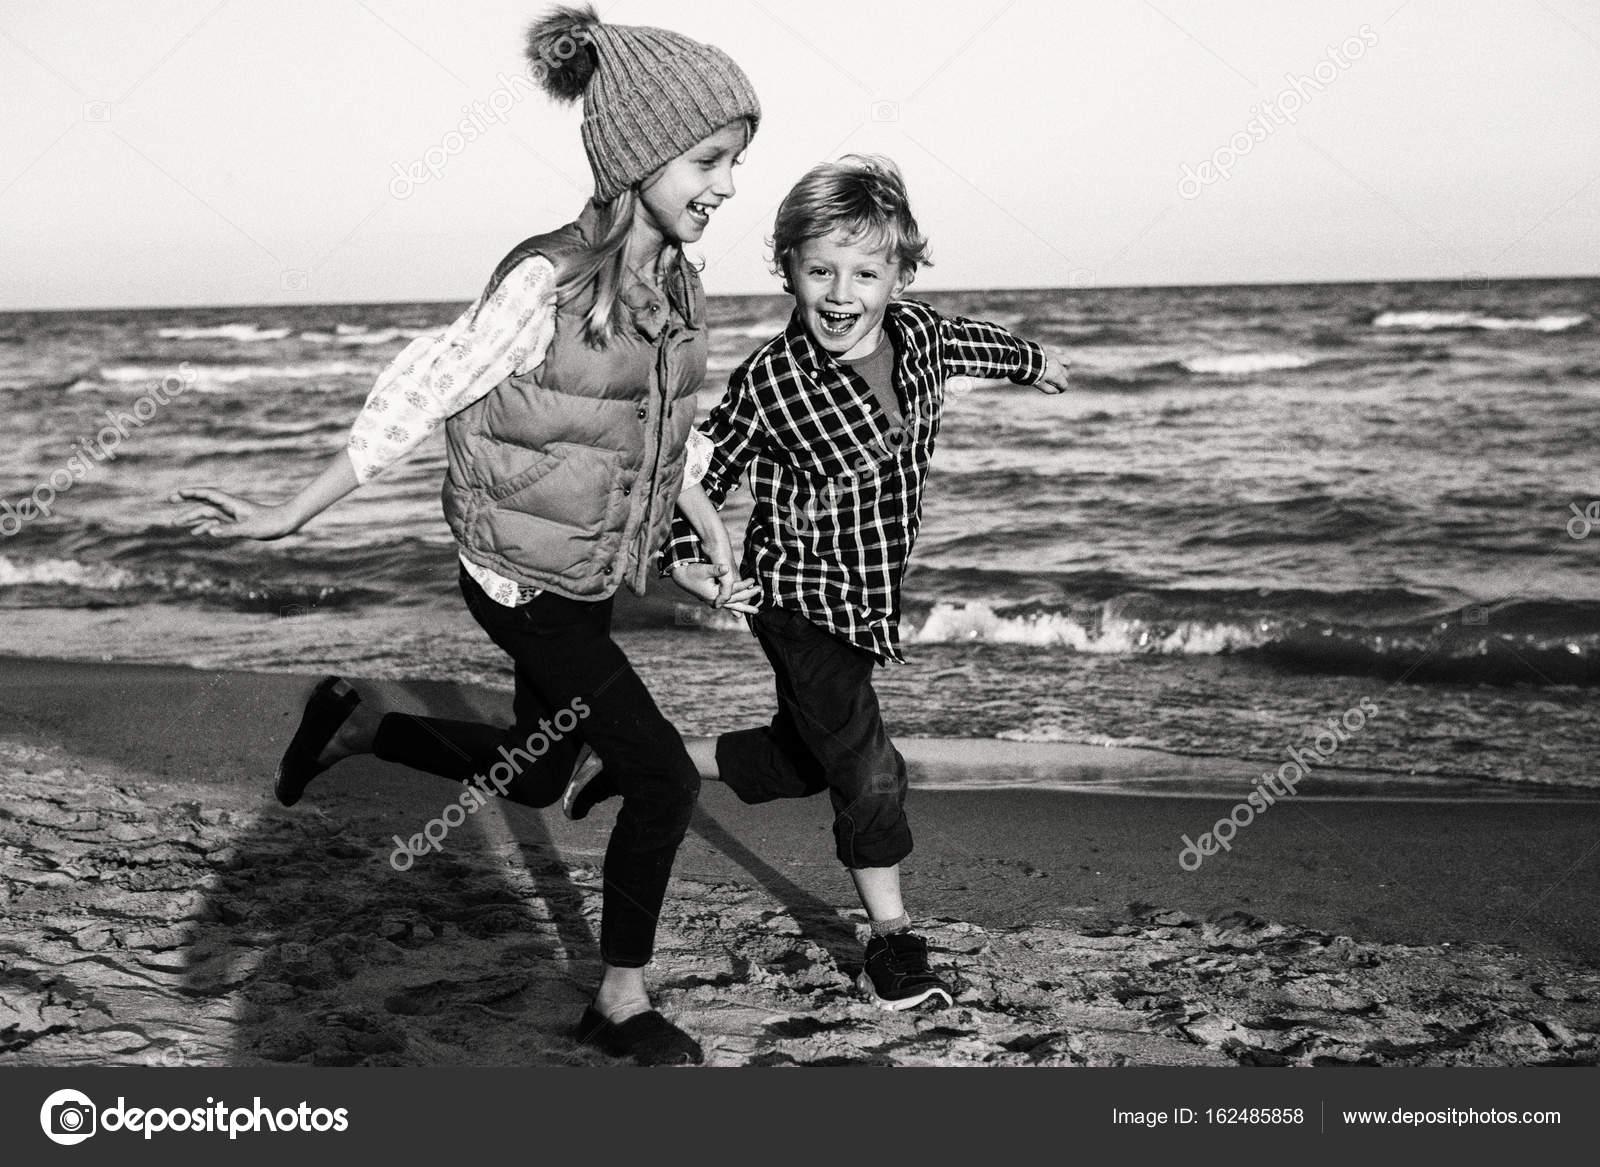 Imágenes: Niños Jugando En Blanco Y Negro